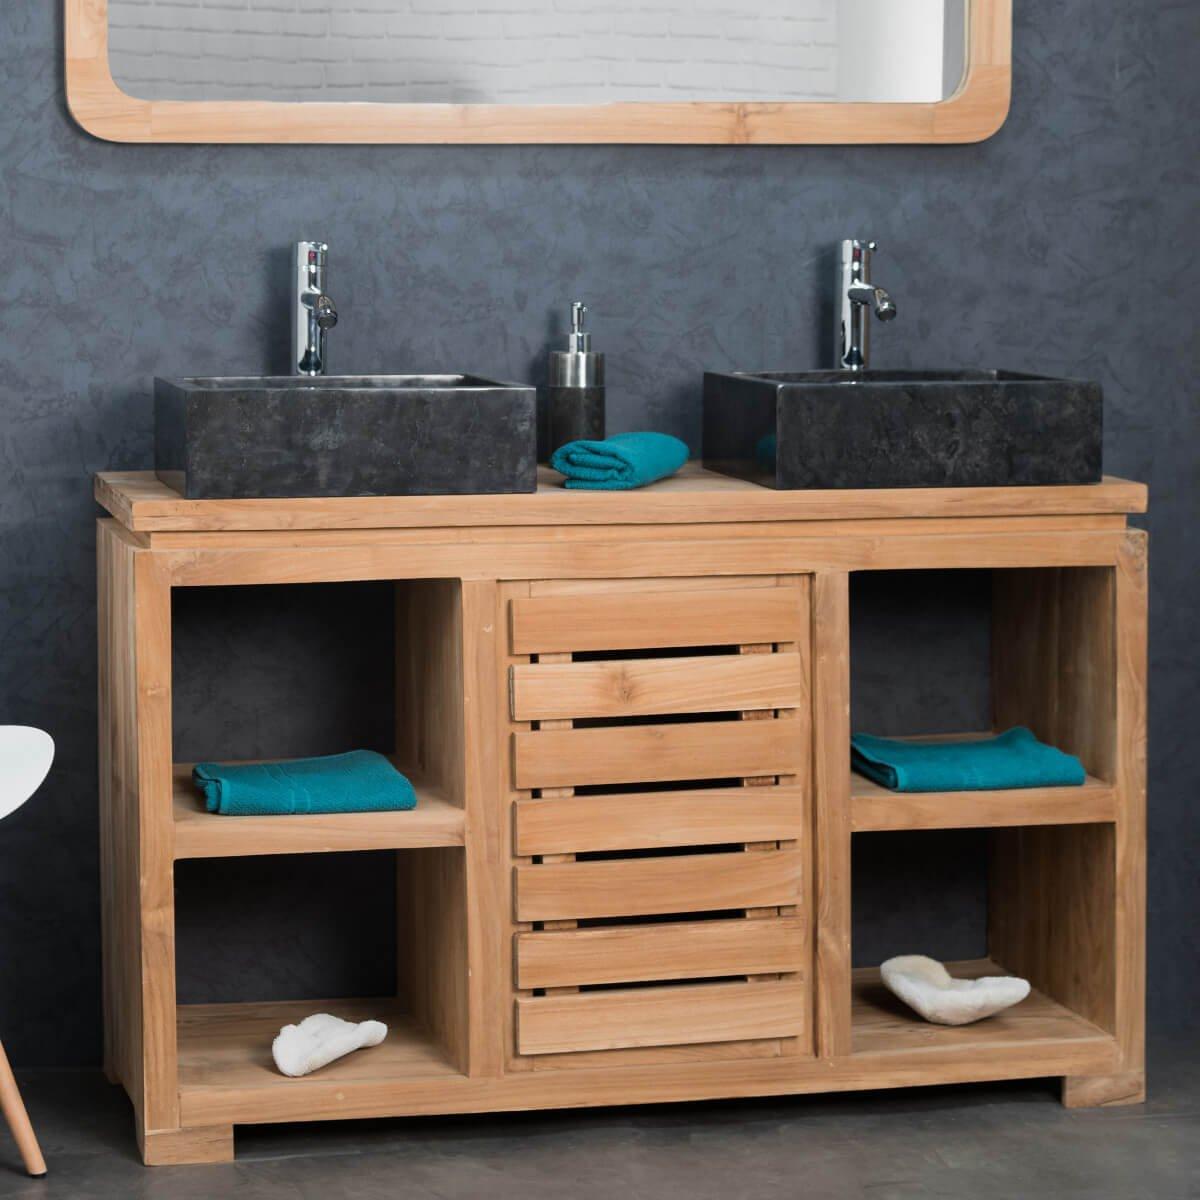 Meuble Salle De Bain Double Vasque Ikea Meilleur De Image √ Evier Salle De Bain Magnifique Meuble En Teck Salle De Bain 35